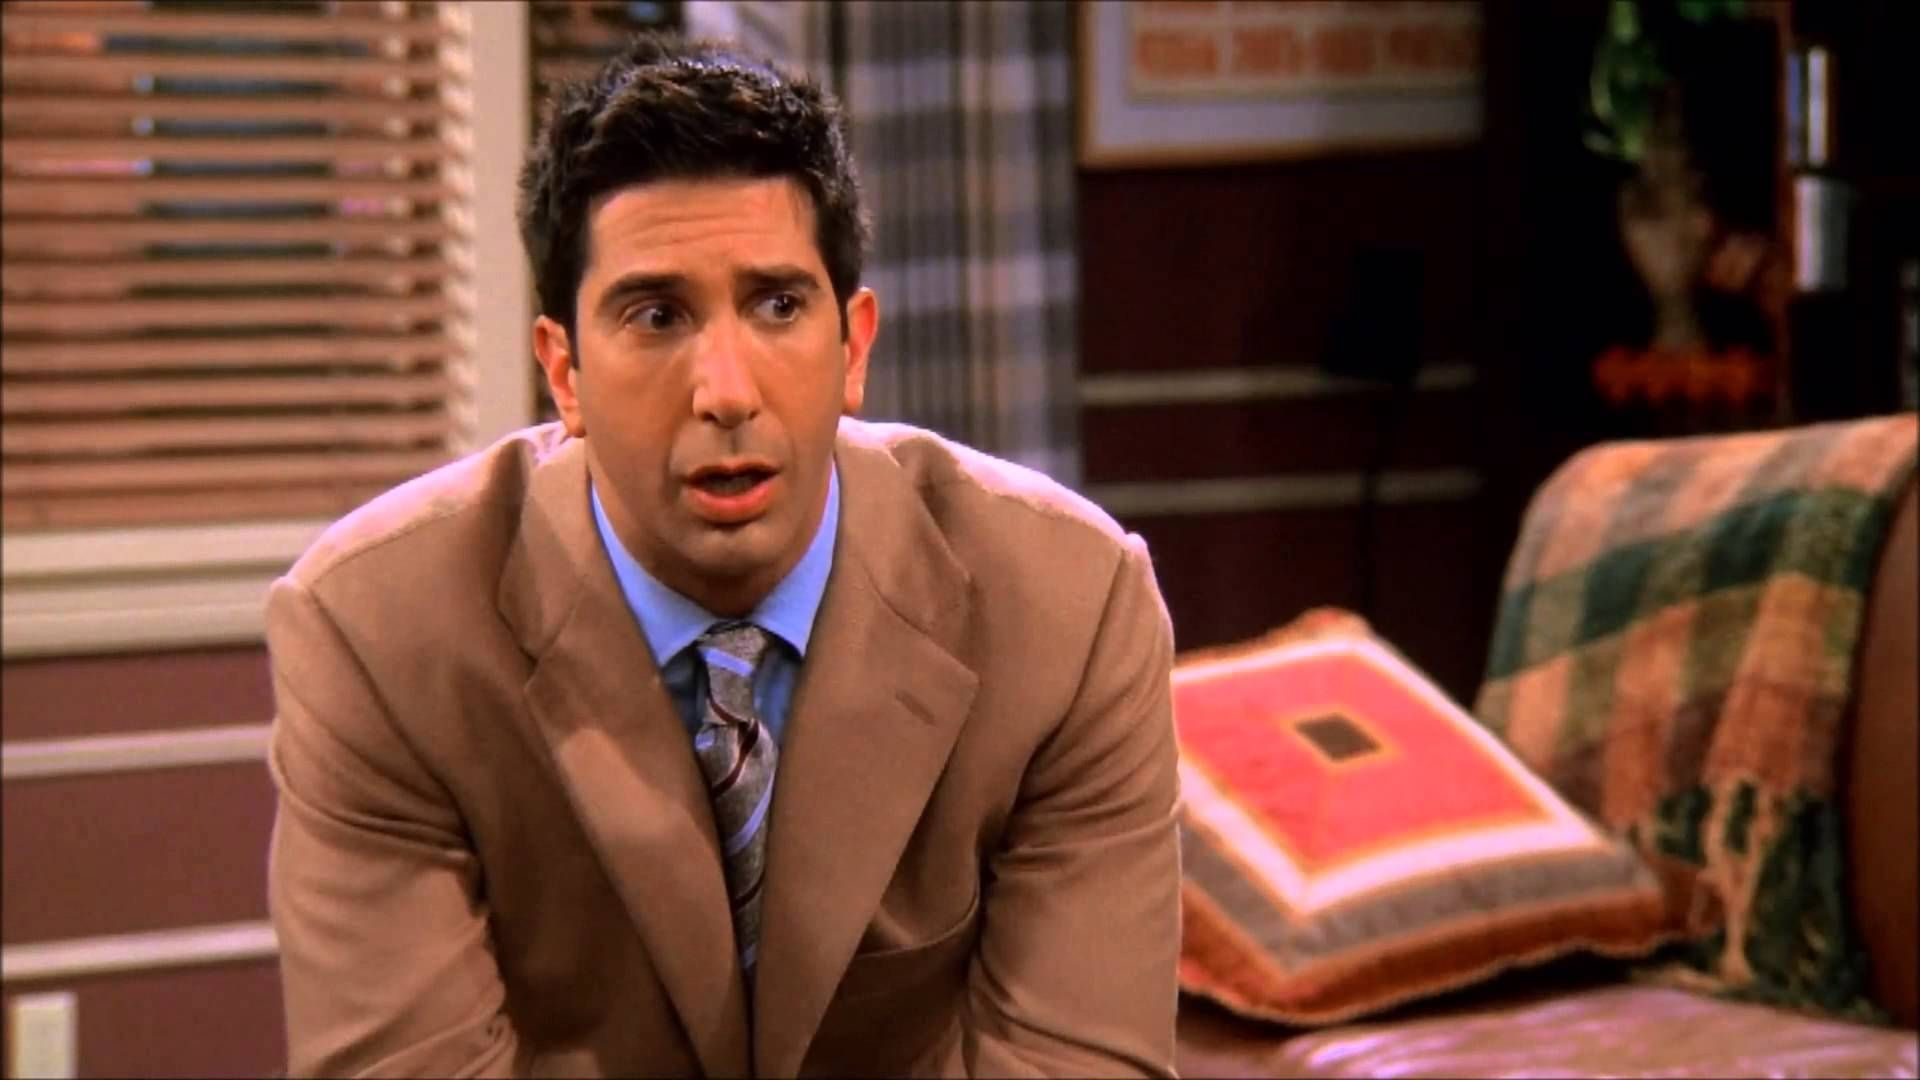 ¿En qué trabaja Ross Geller las últimas temporadas?